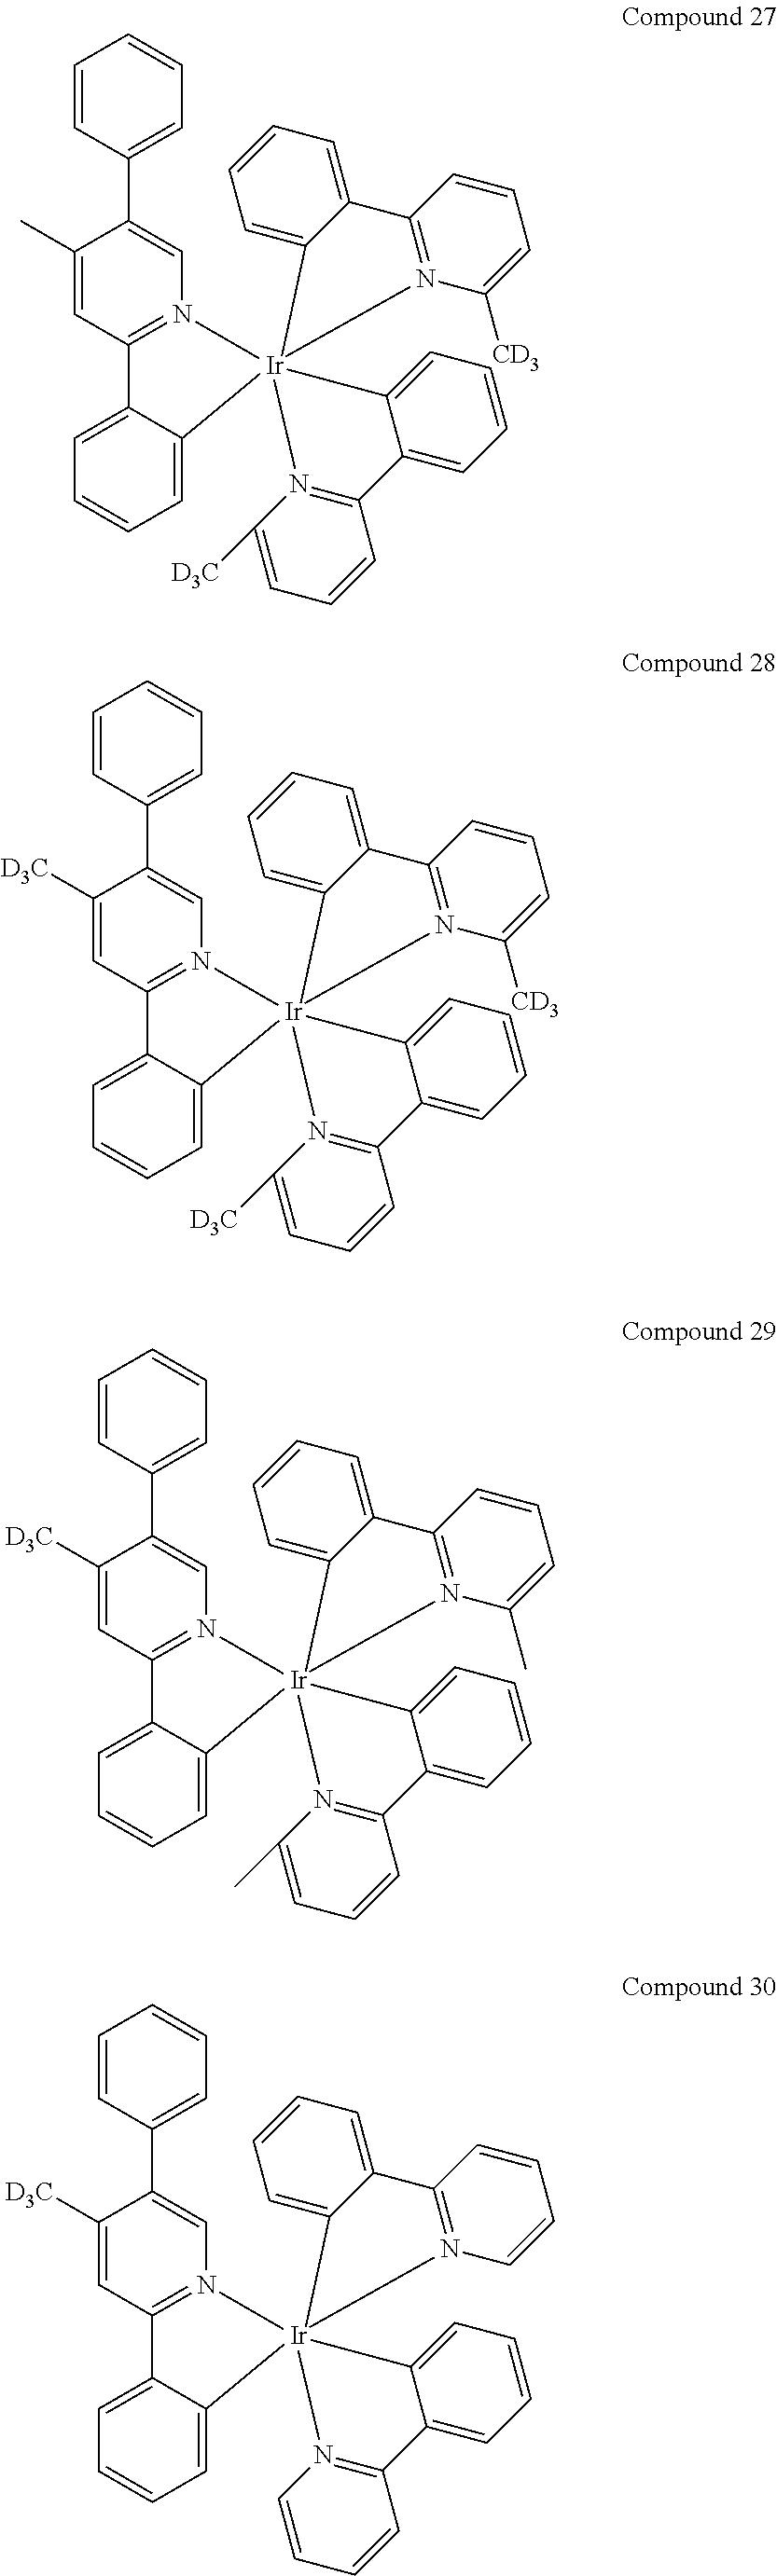 Figure US20100270916A1-20101028-C00166